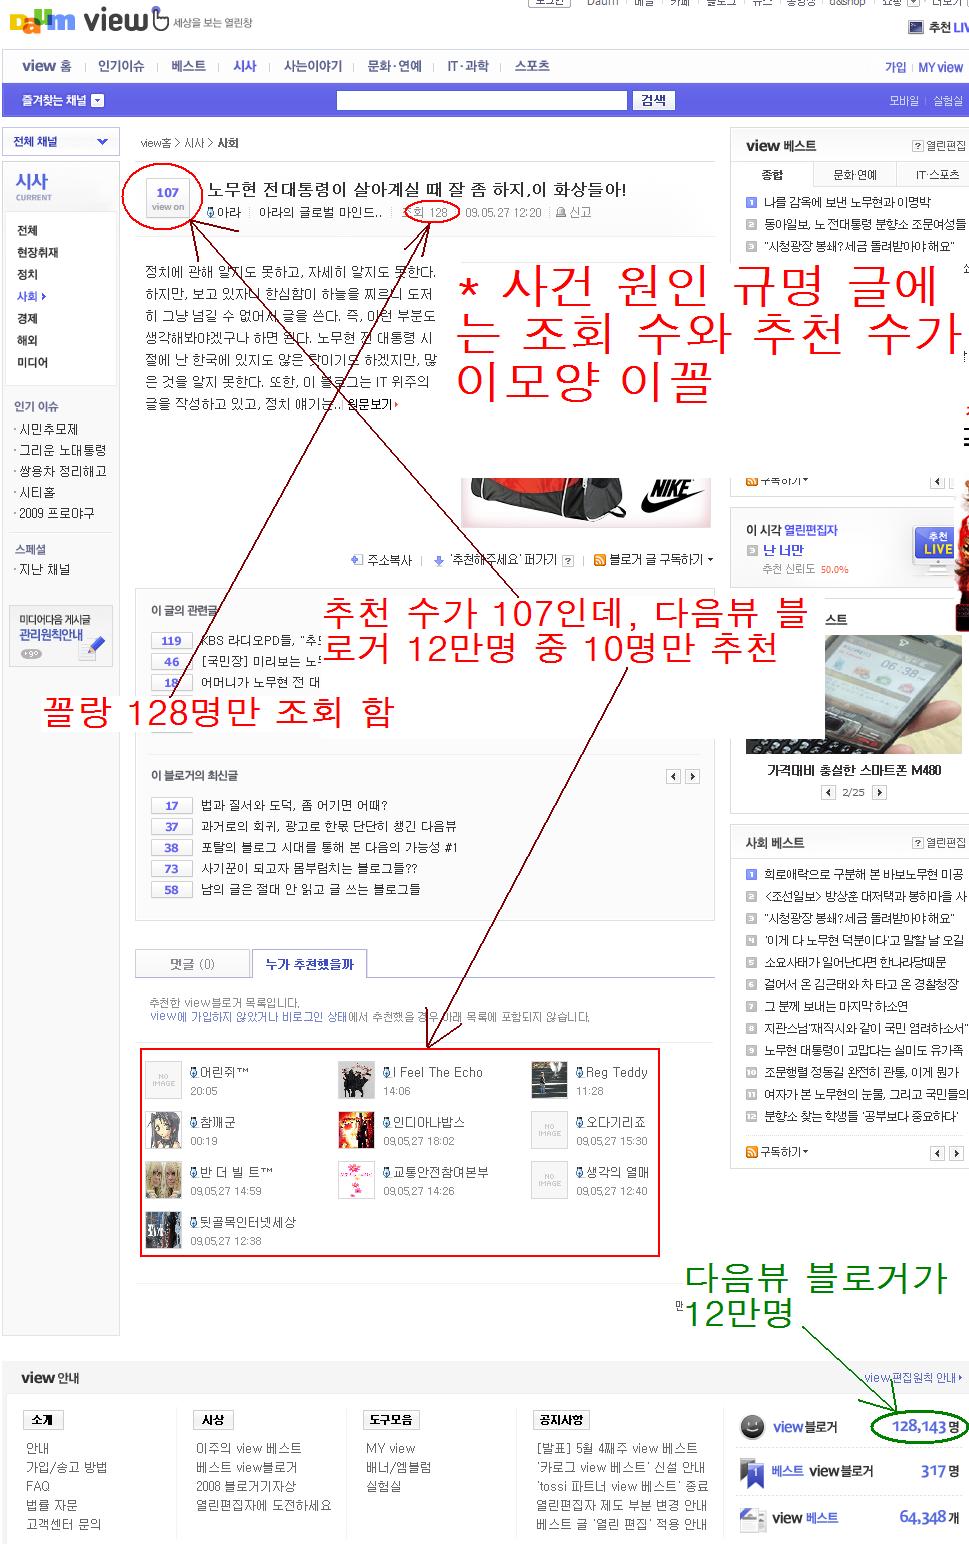 노무현 전 대통령 죽음 원인 규명 글의 예 - 다음뷰 화면